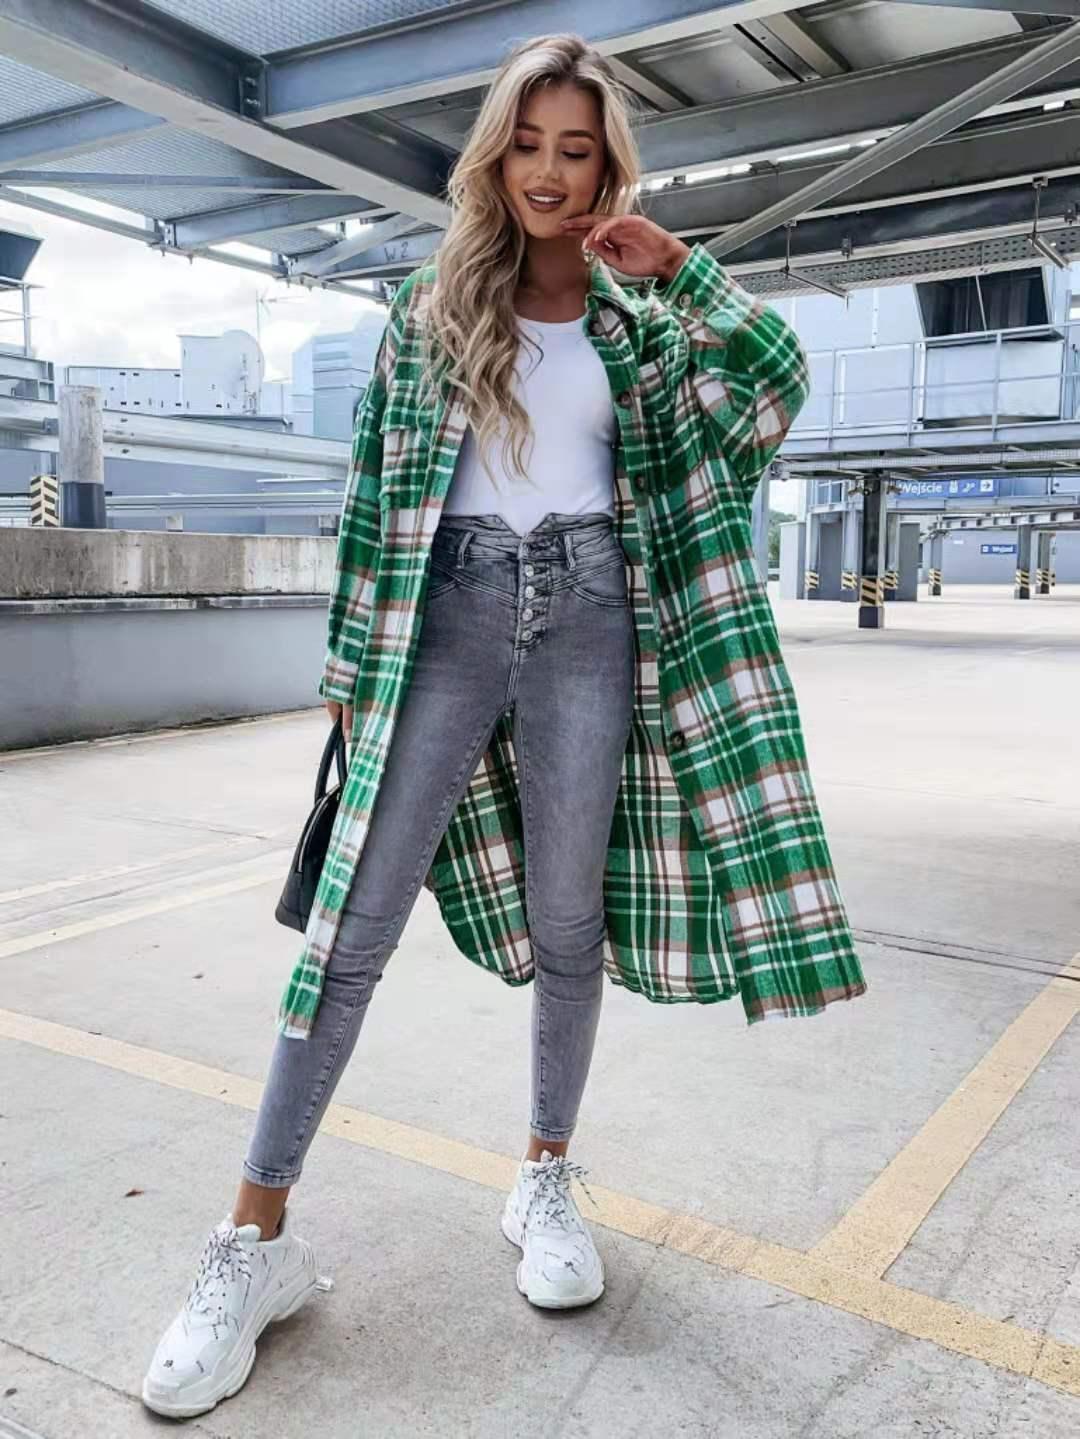 Женская длинная рубашка в клетку, повседневная зеленая рубашка с длинным рукавом, карманами, пуговицами и воротником, осень-весна 2021